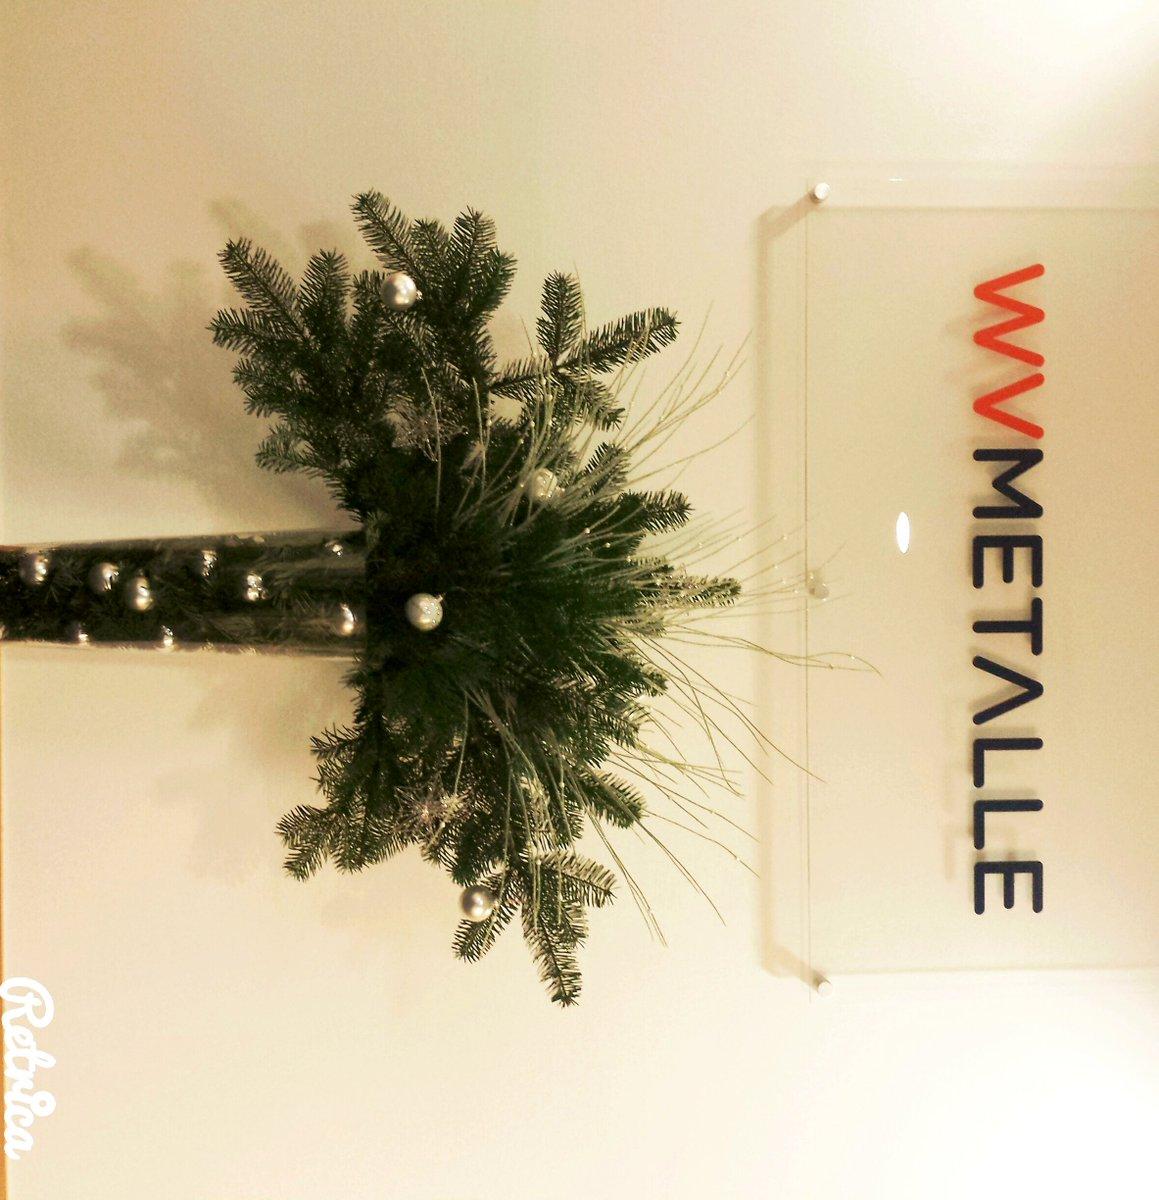 ট ইট র Wvmetalle Weihnachtsdeko Im Buro Steht Wir Sind Bereit Metalle Weihnachten Https T Co Fgnbnkkd4y